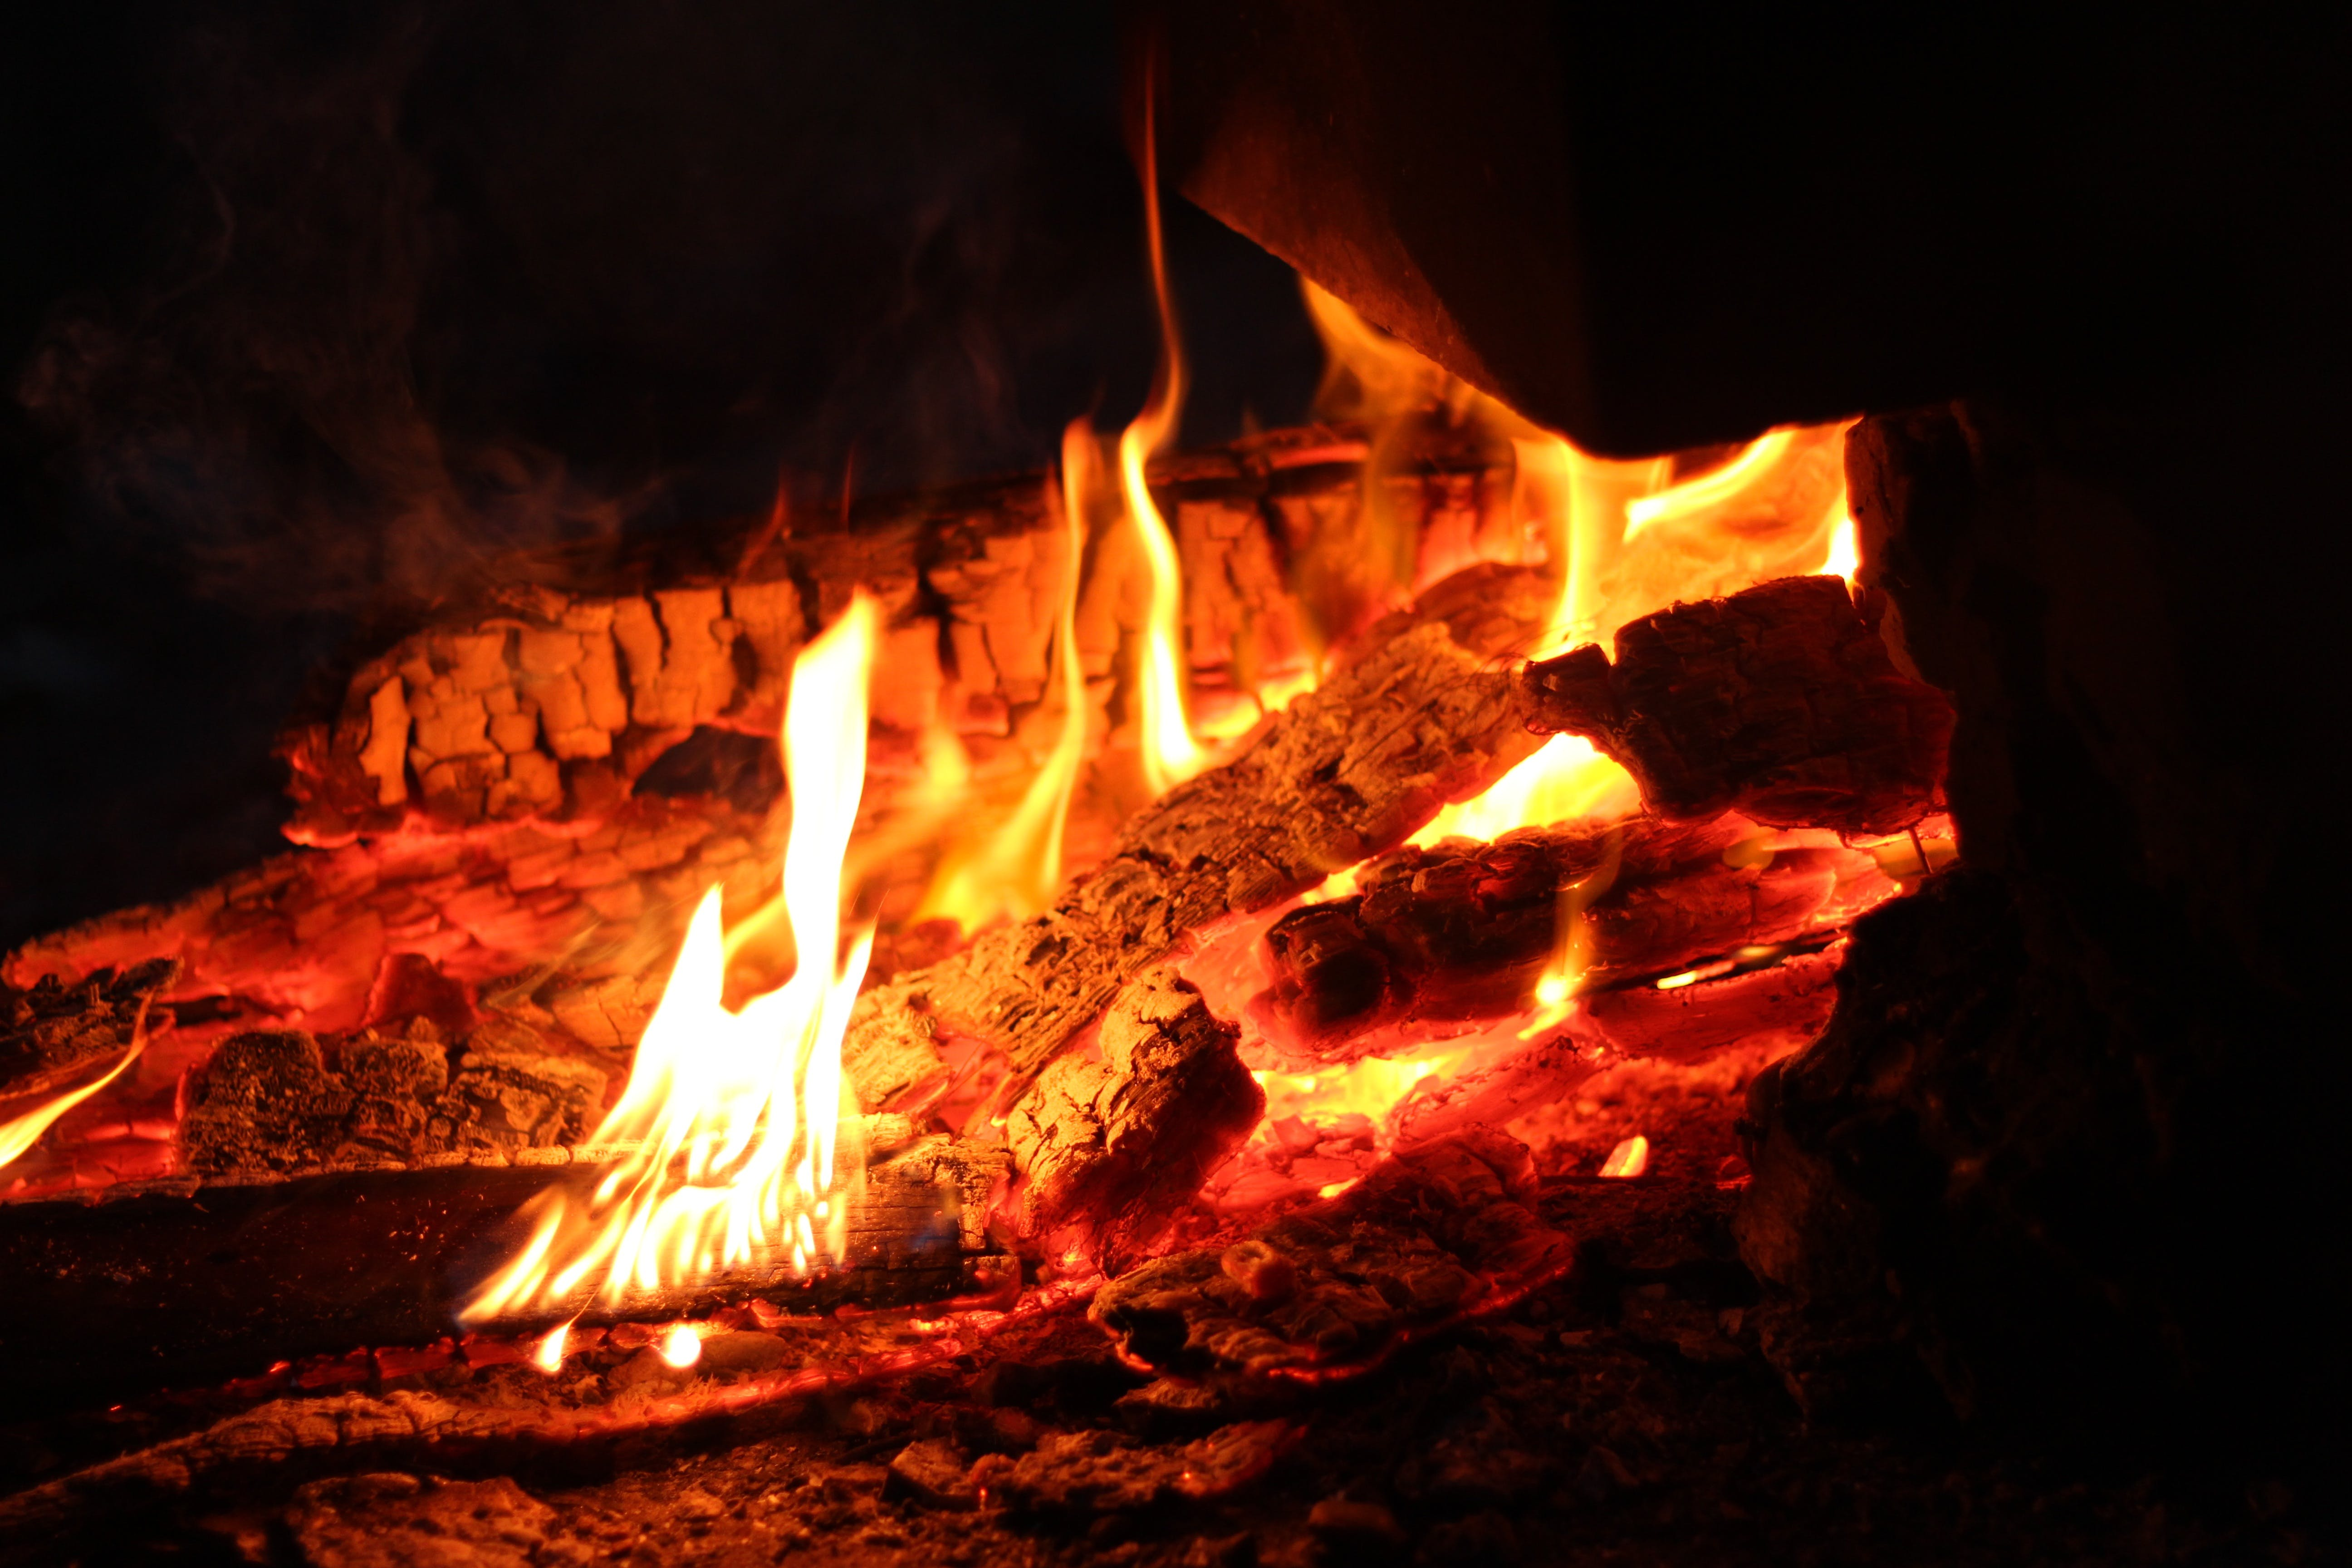 Gratis lagerfoto af bål, brand, brænding, brændt